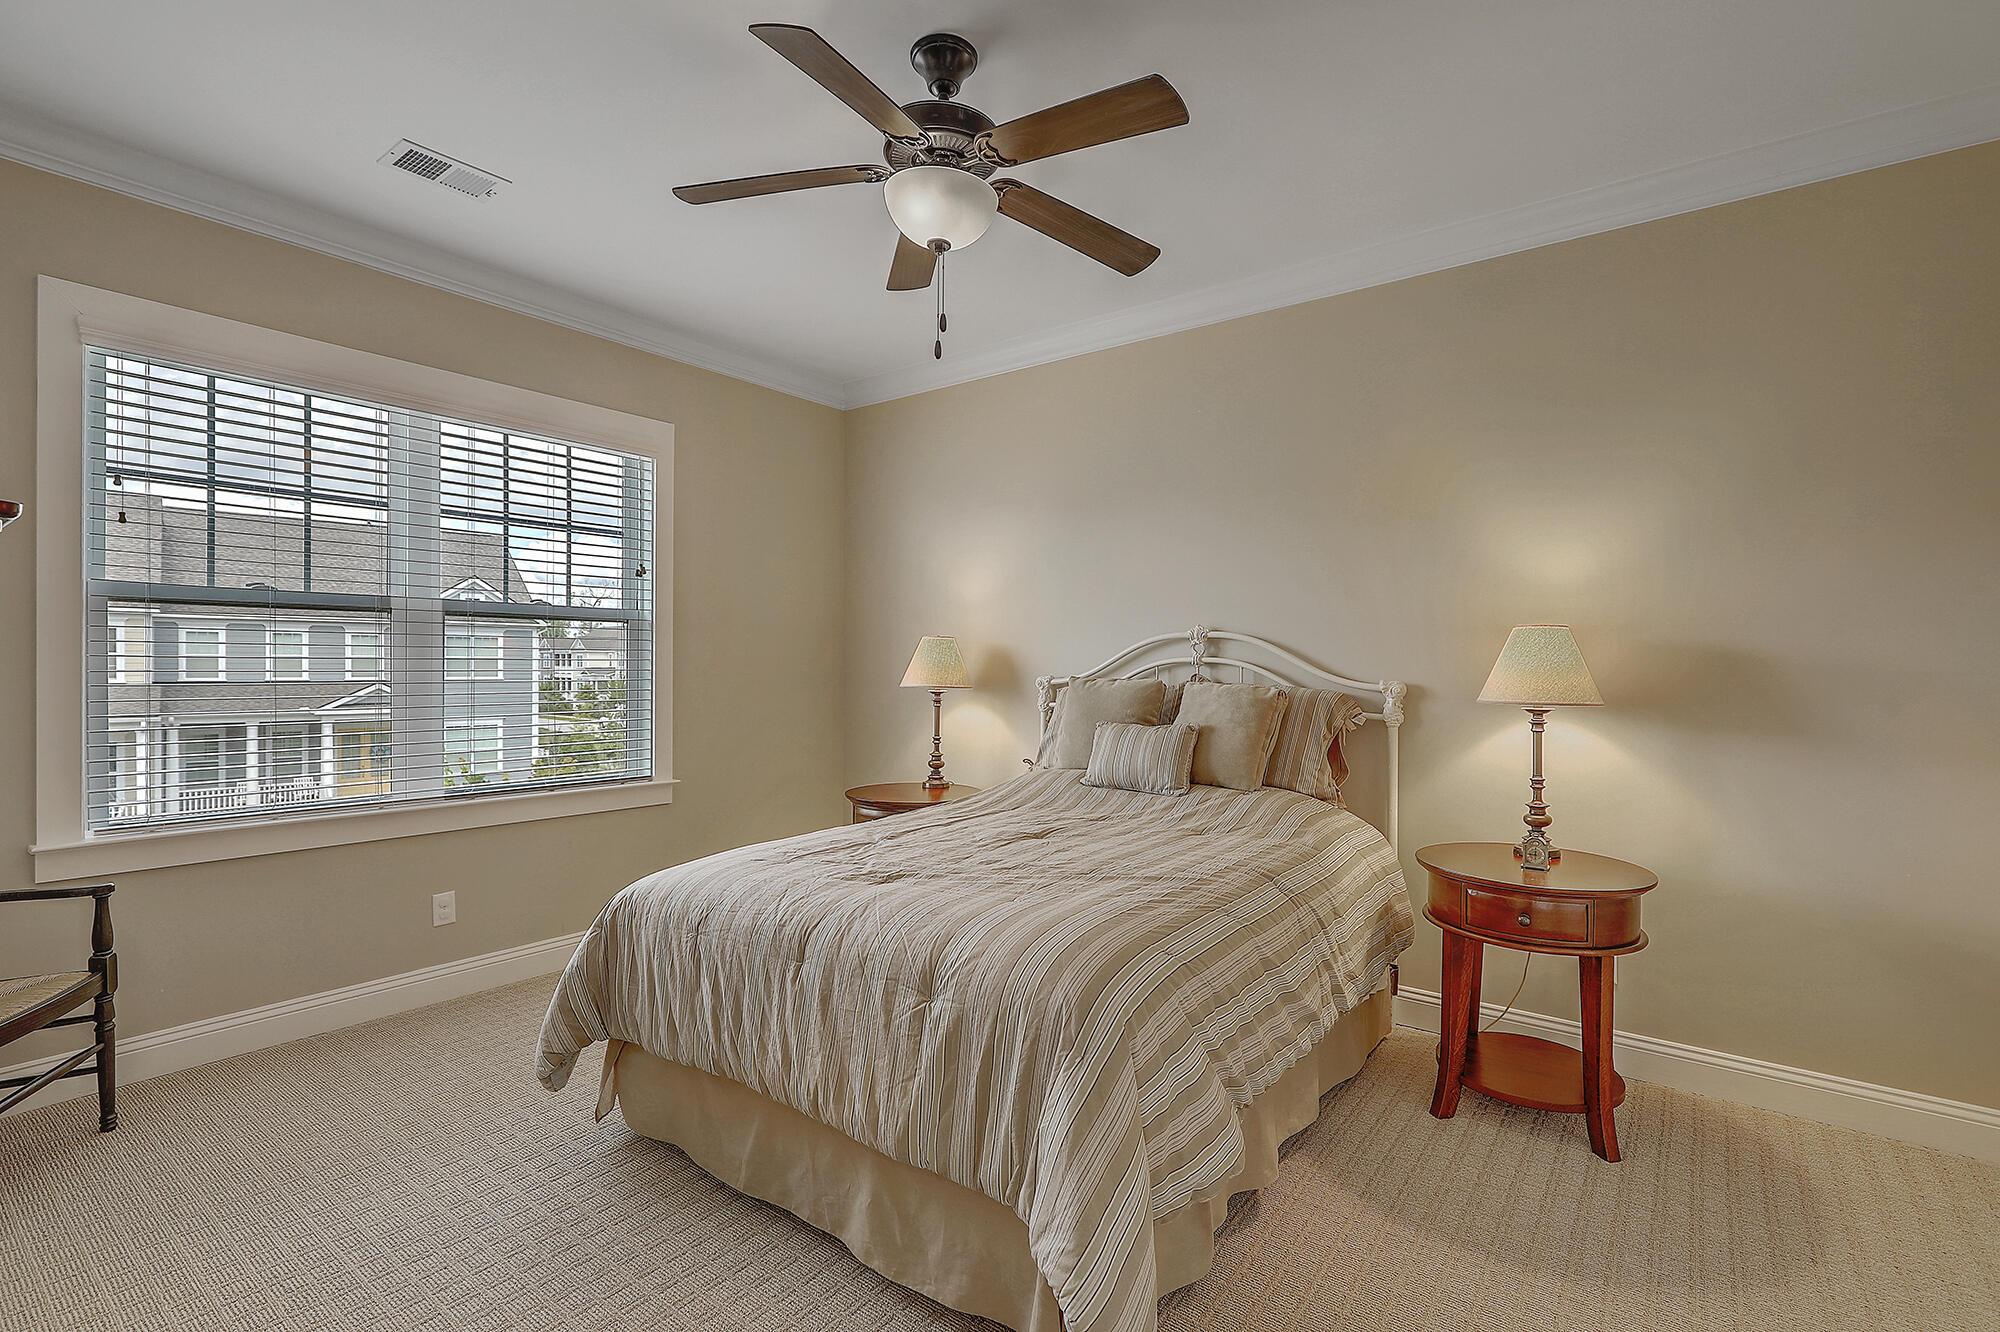 Dunes West Homes For Sale - 3171 Sturbridge, Mount Pleasant, SC - 40